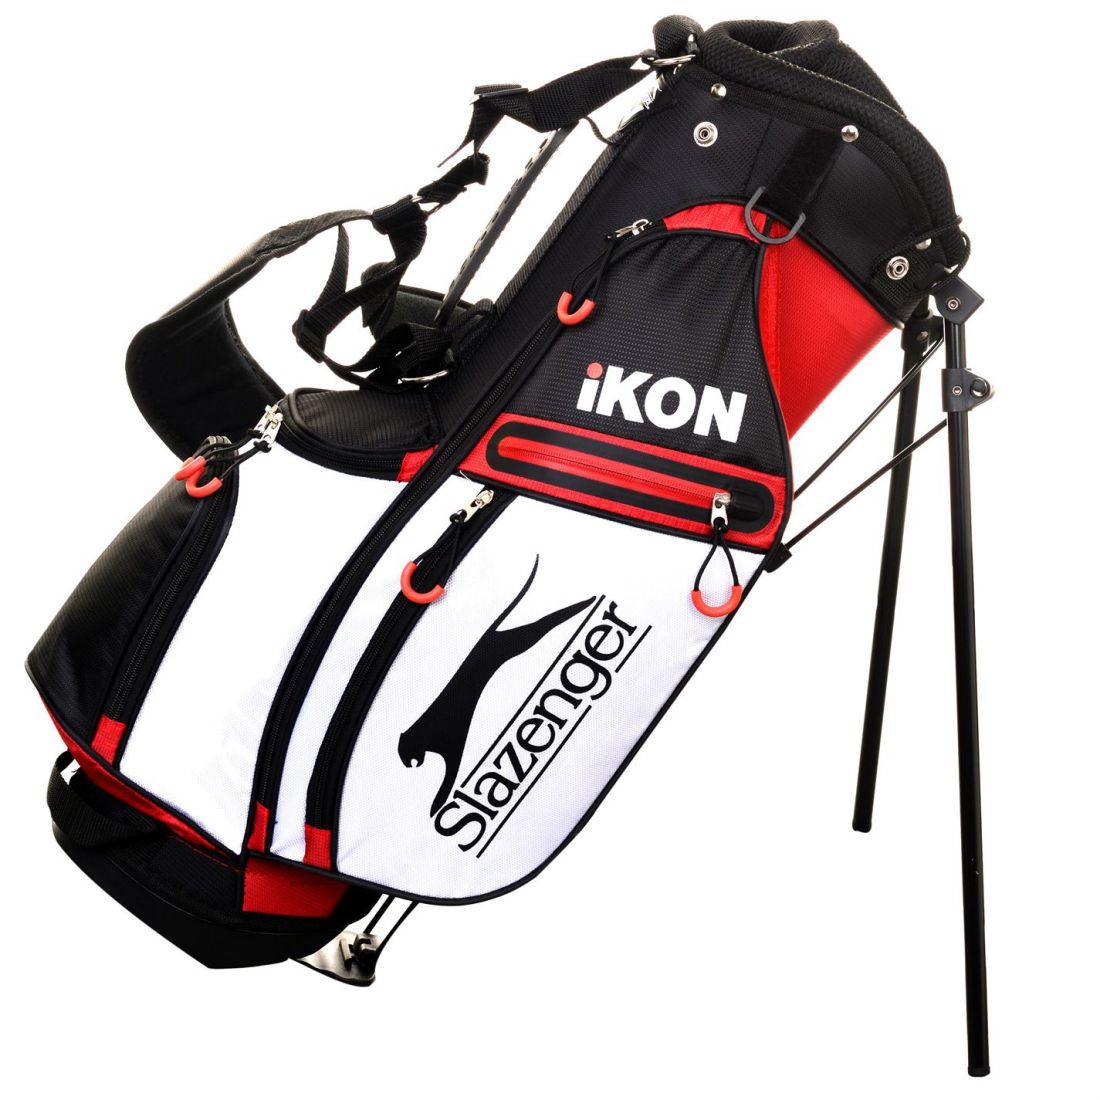 96d513ea0e1 Details about Slazenger Kids Ikon Stand Bag Junior Golf